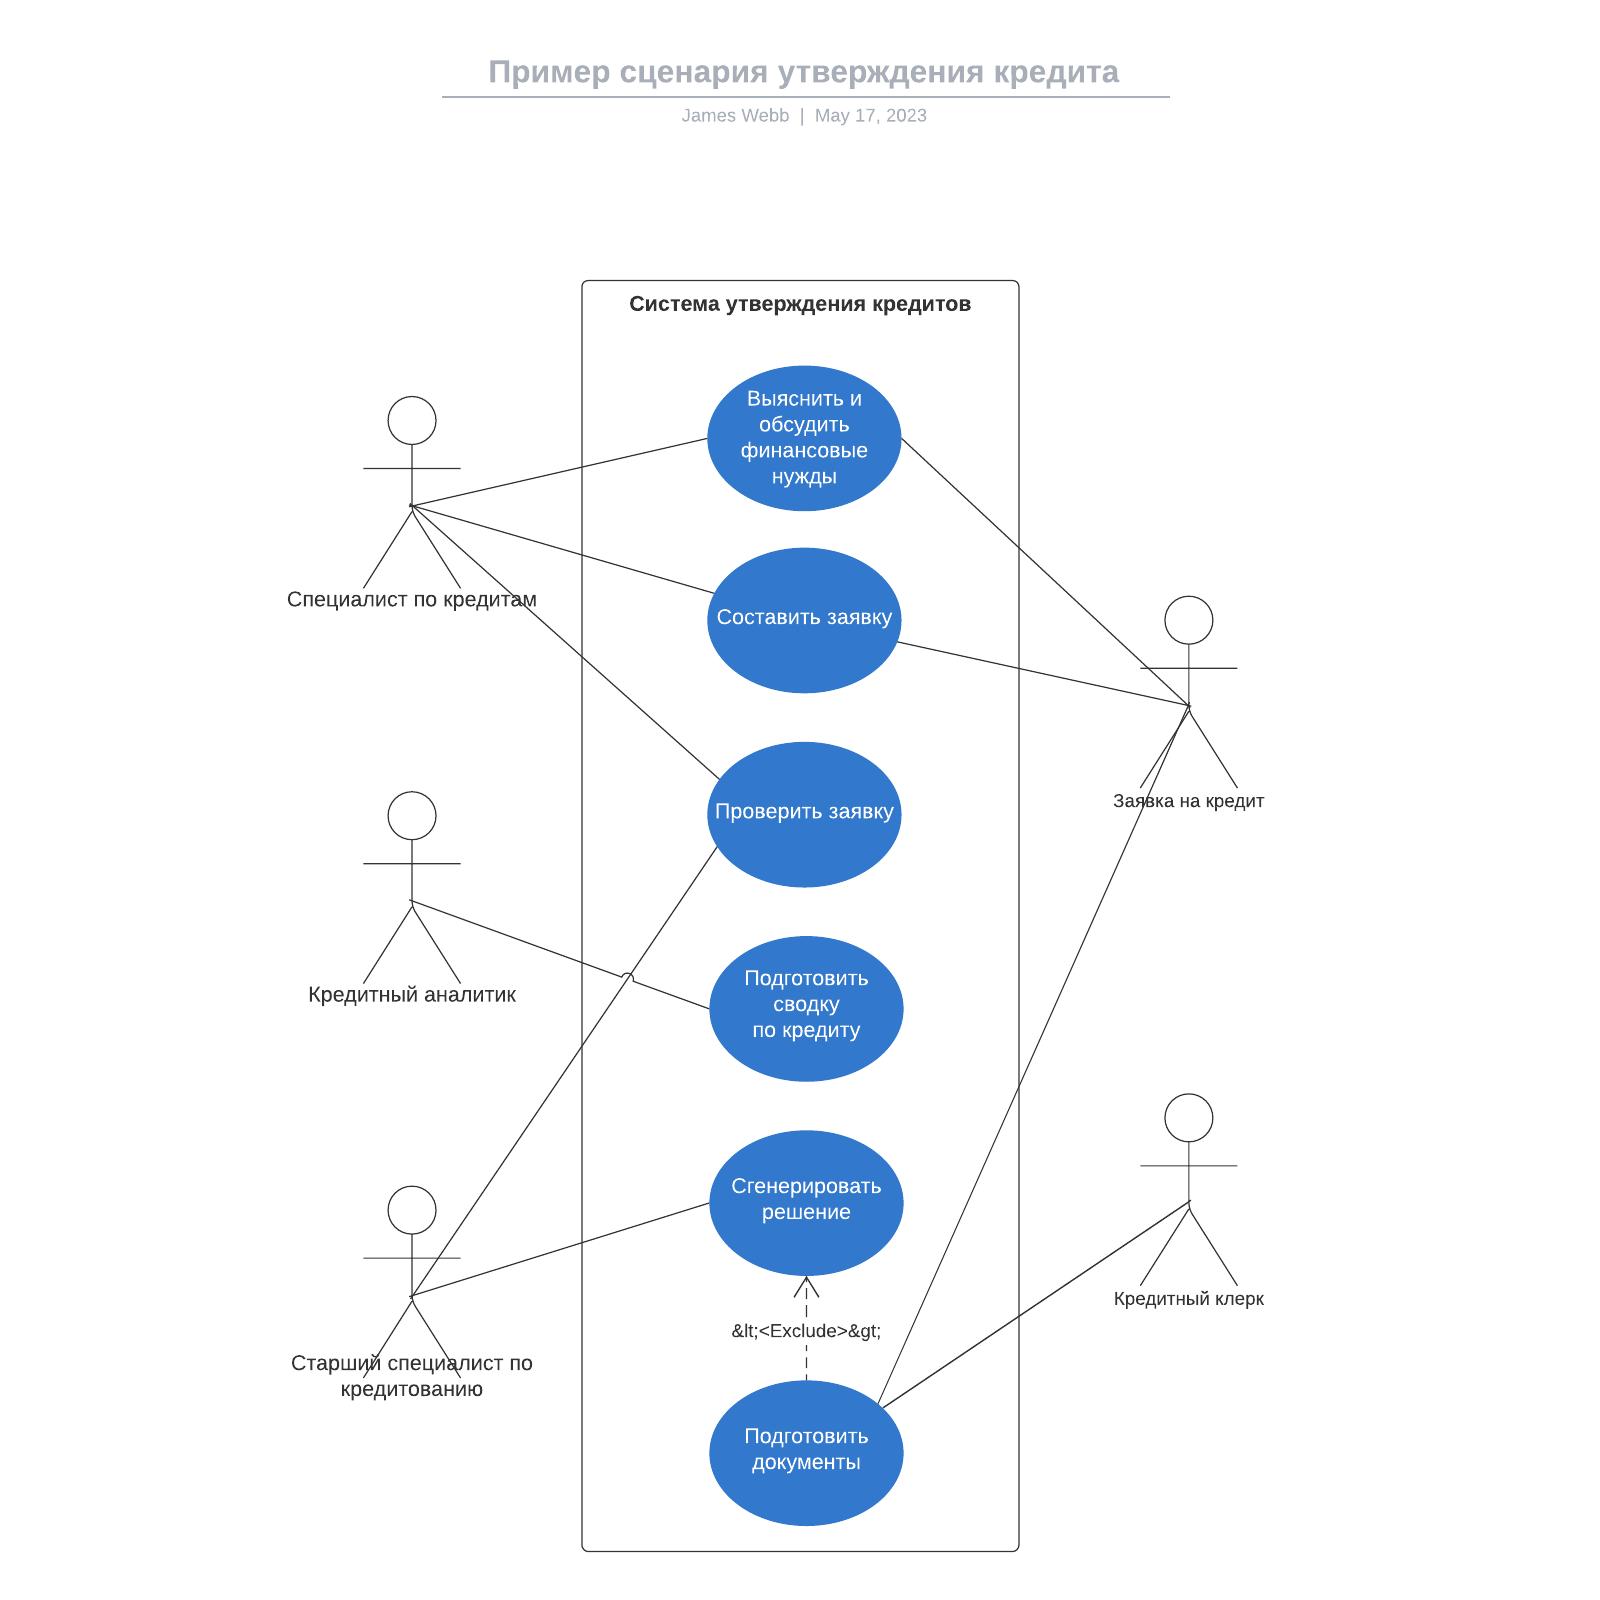 Пример сценария утверждения кредита